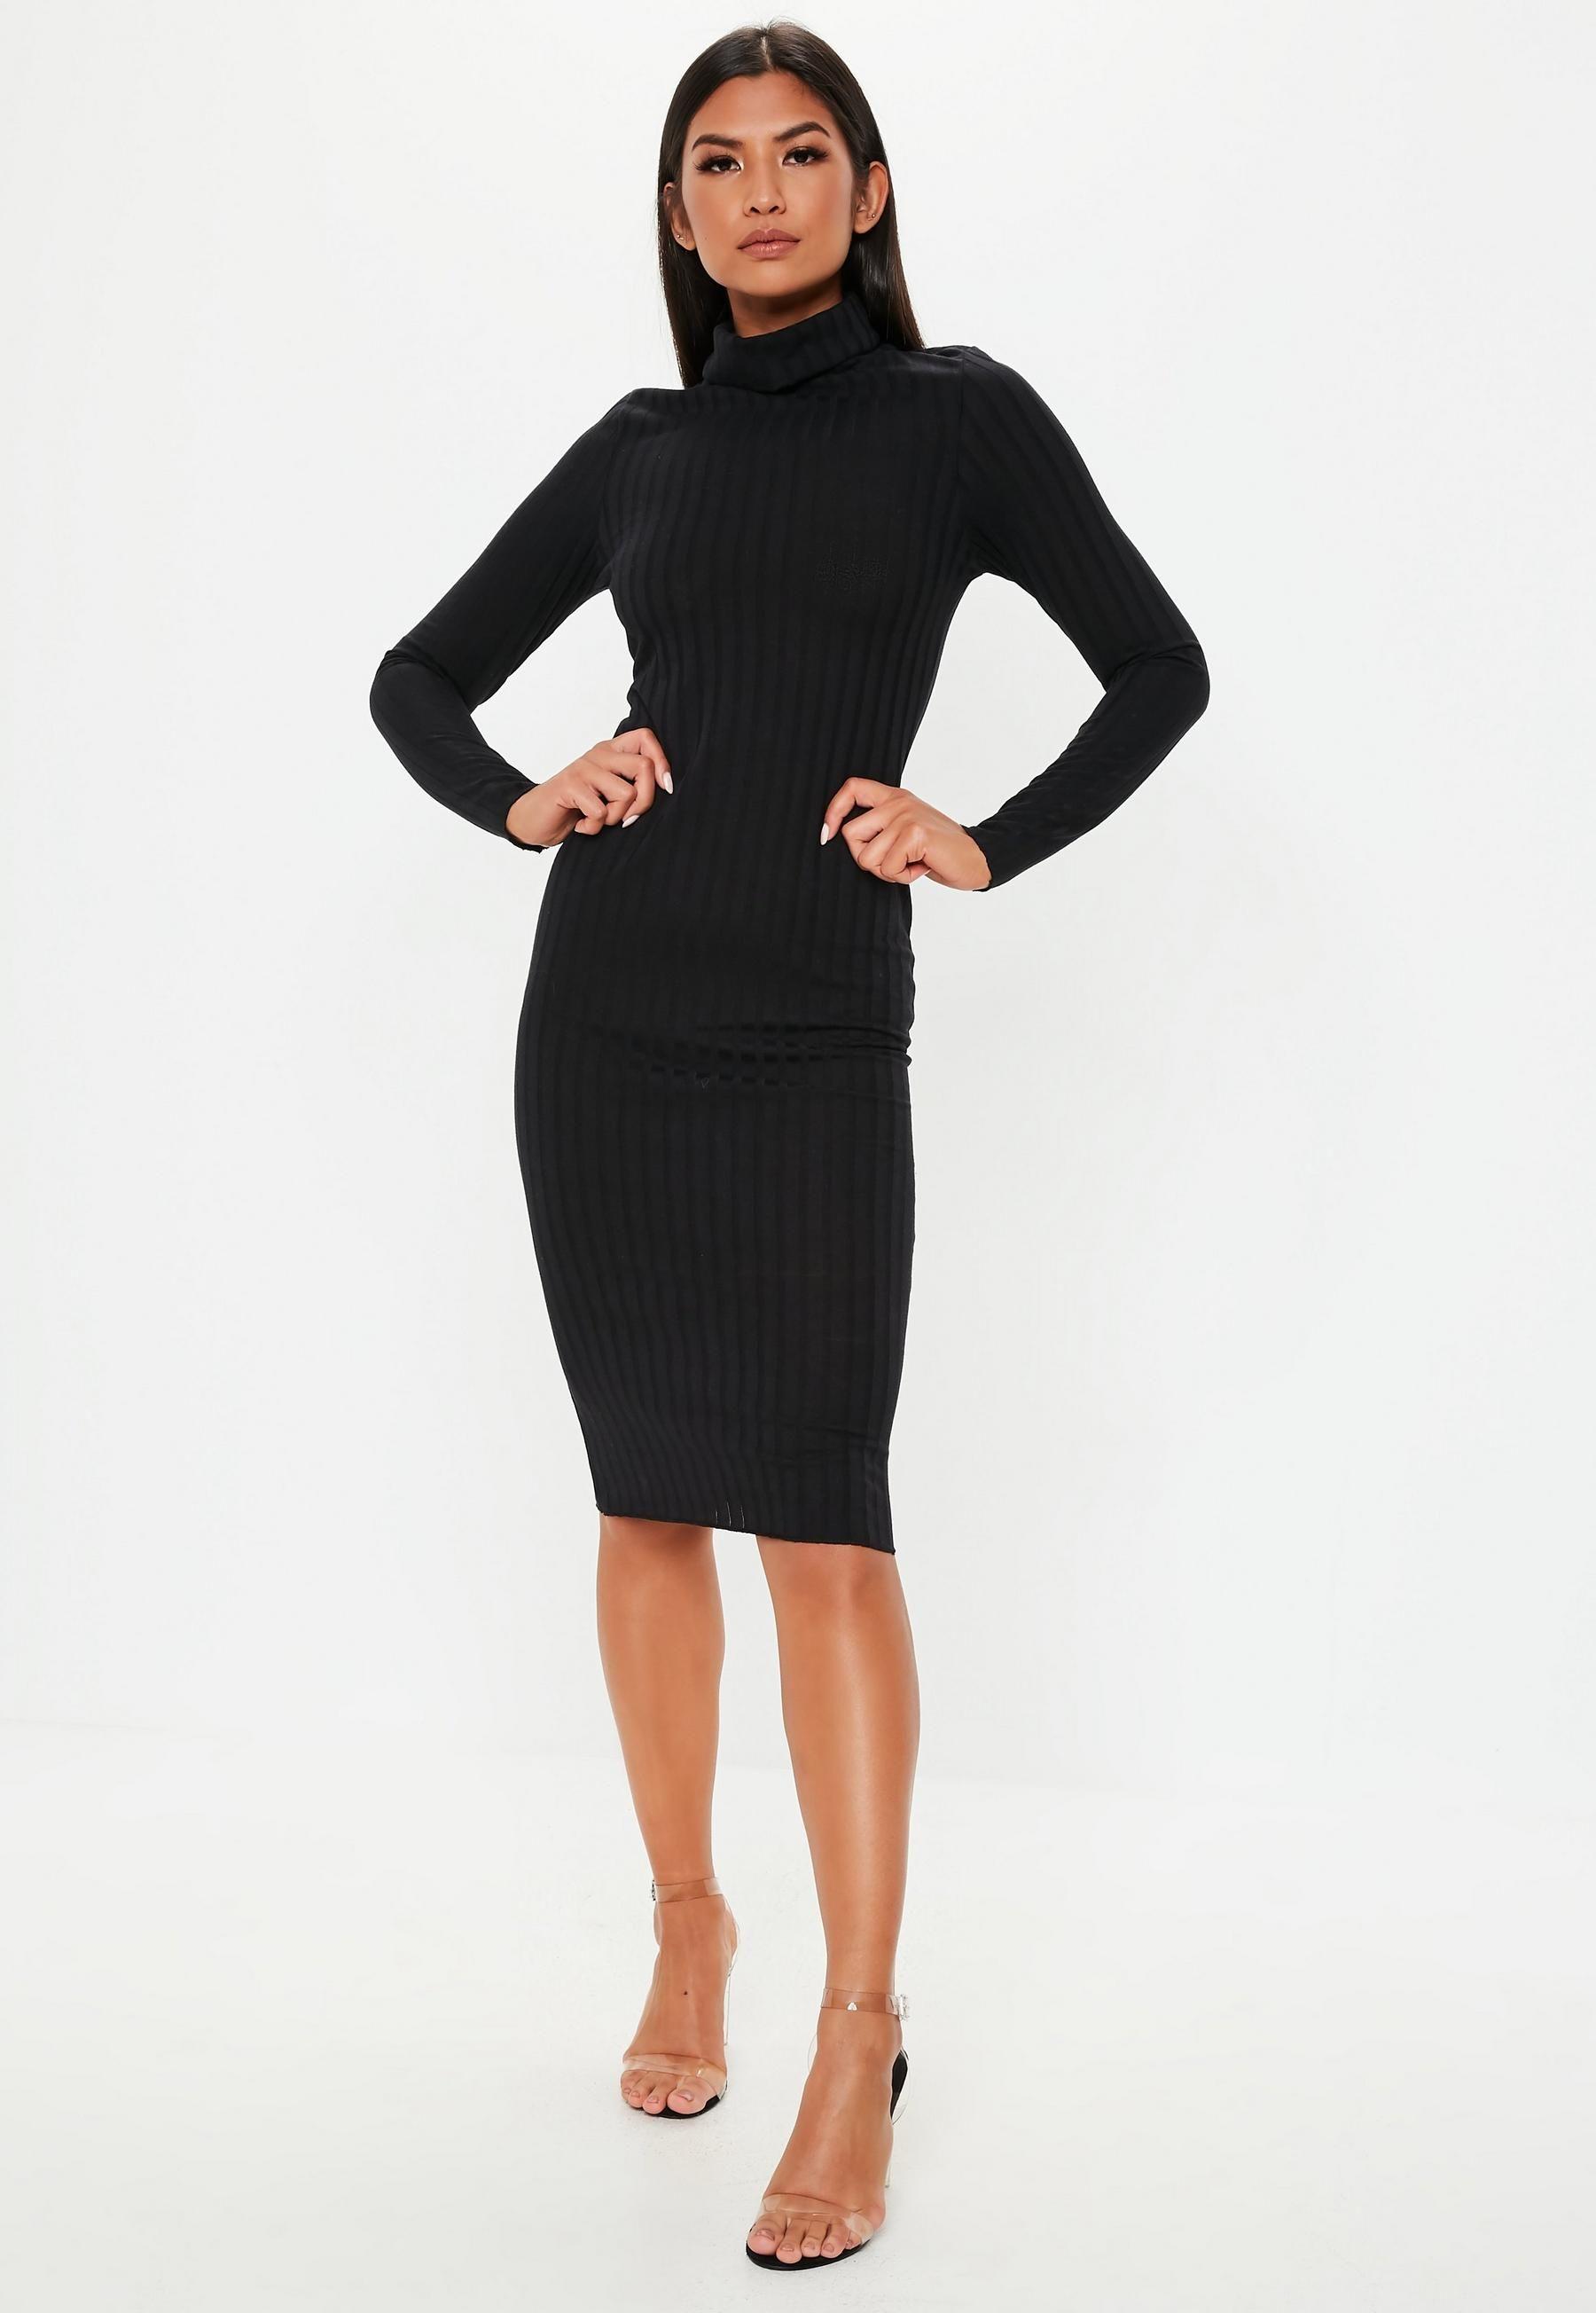 929dbce3d81 Black Ribbed Roll Neck Lettuce Hem Midi Dress in 2019